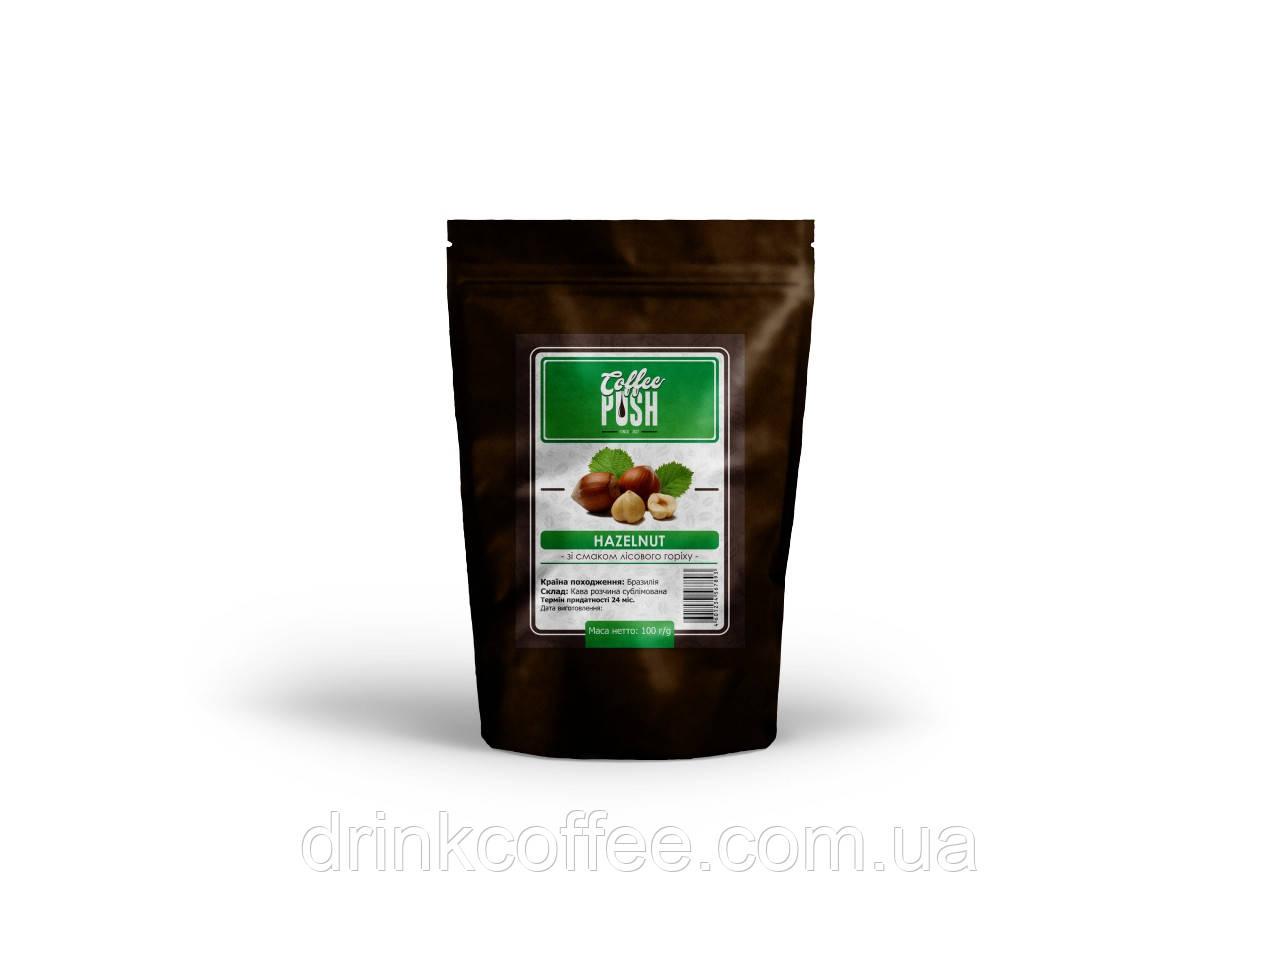 Кофе растворимый Орех, Бразилия, 50г